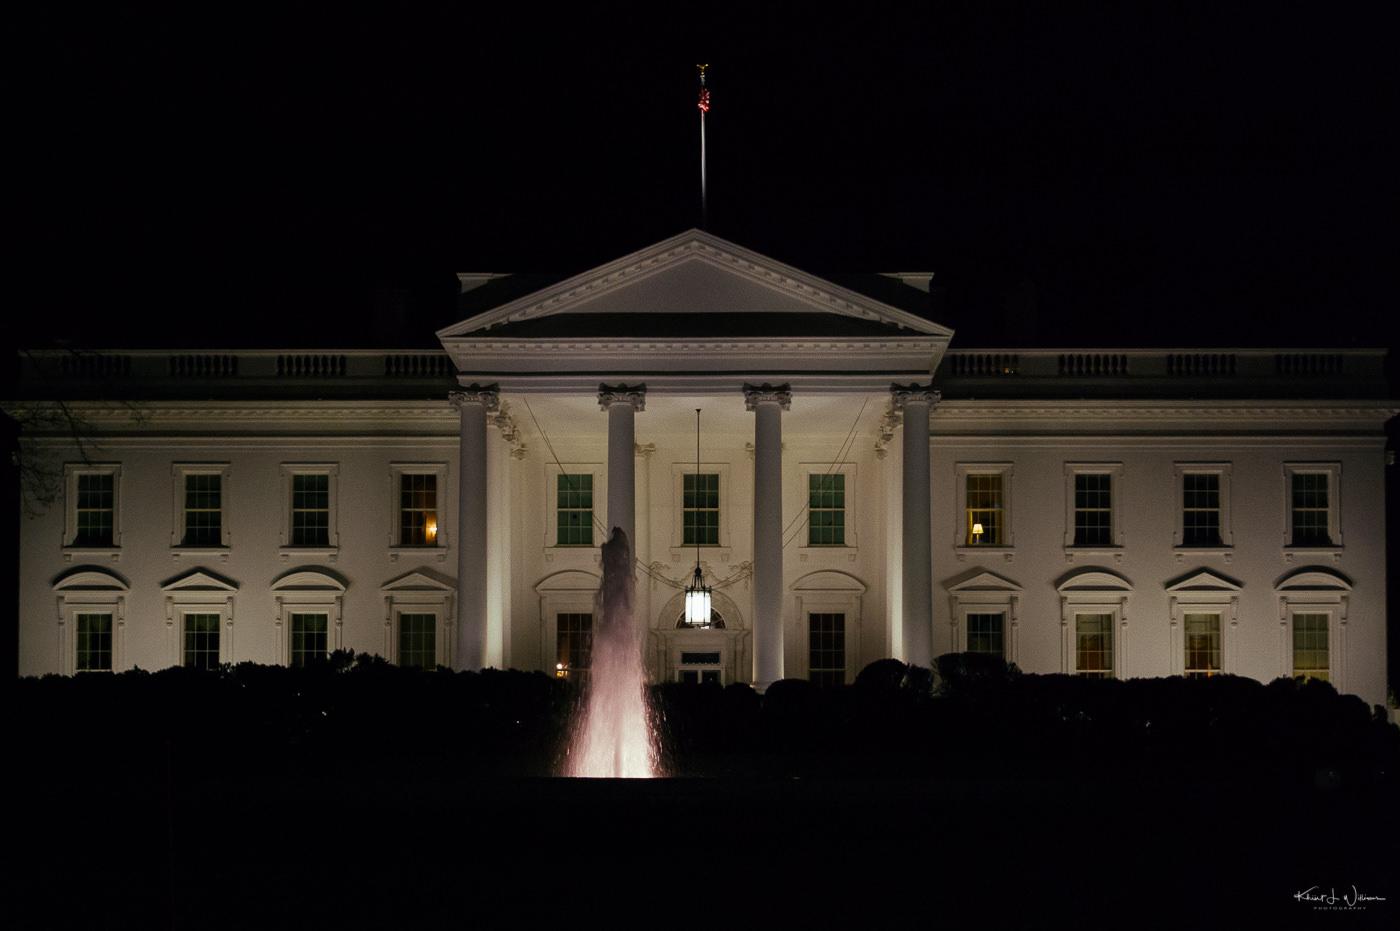 White House NIKON D40 20100402 9560